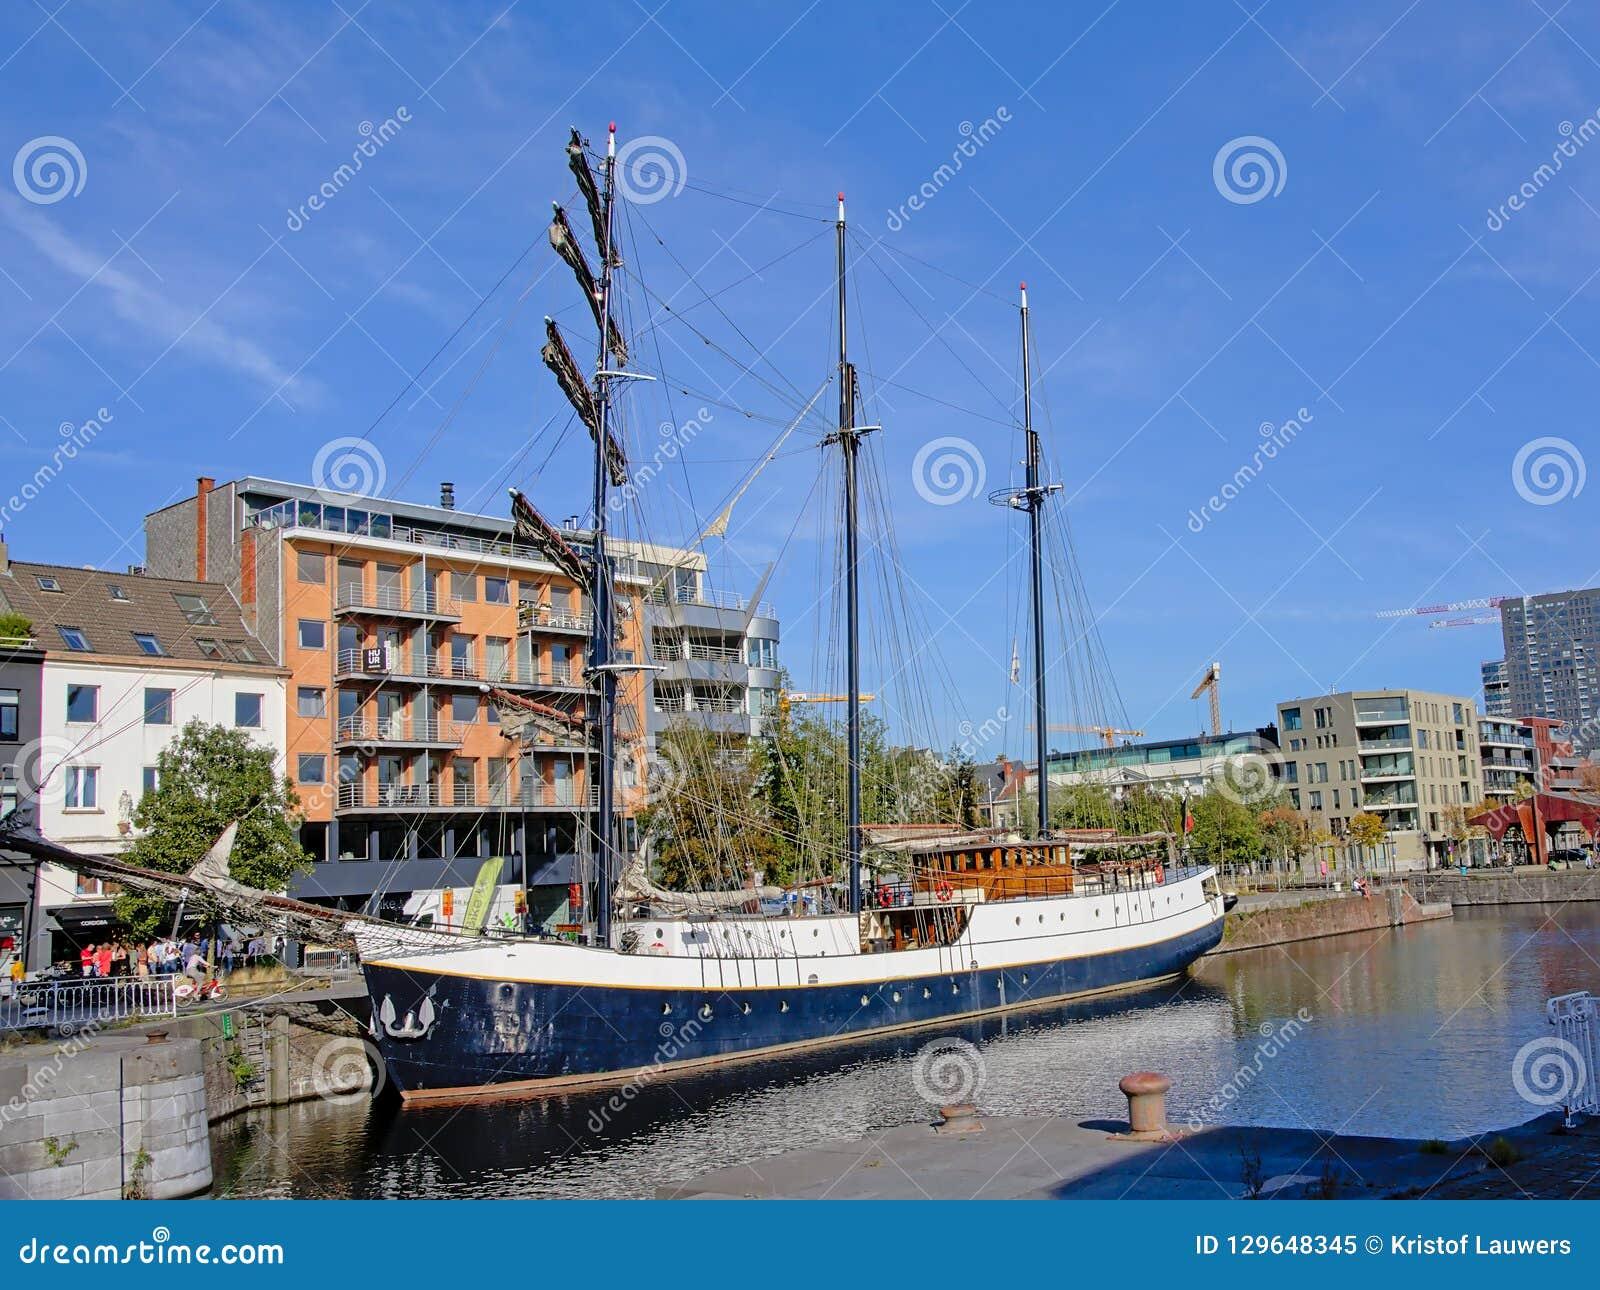 Barco de navigação em uma doca na cidade de Antuérpia